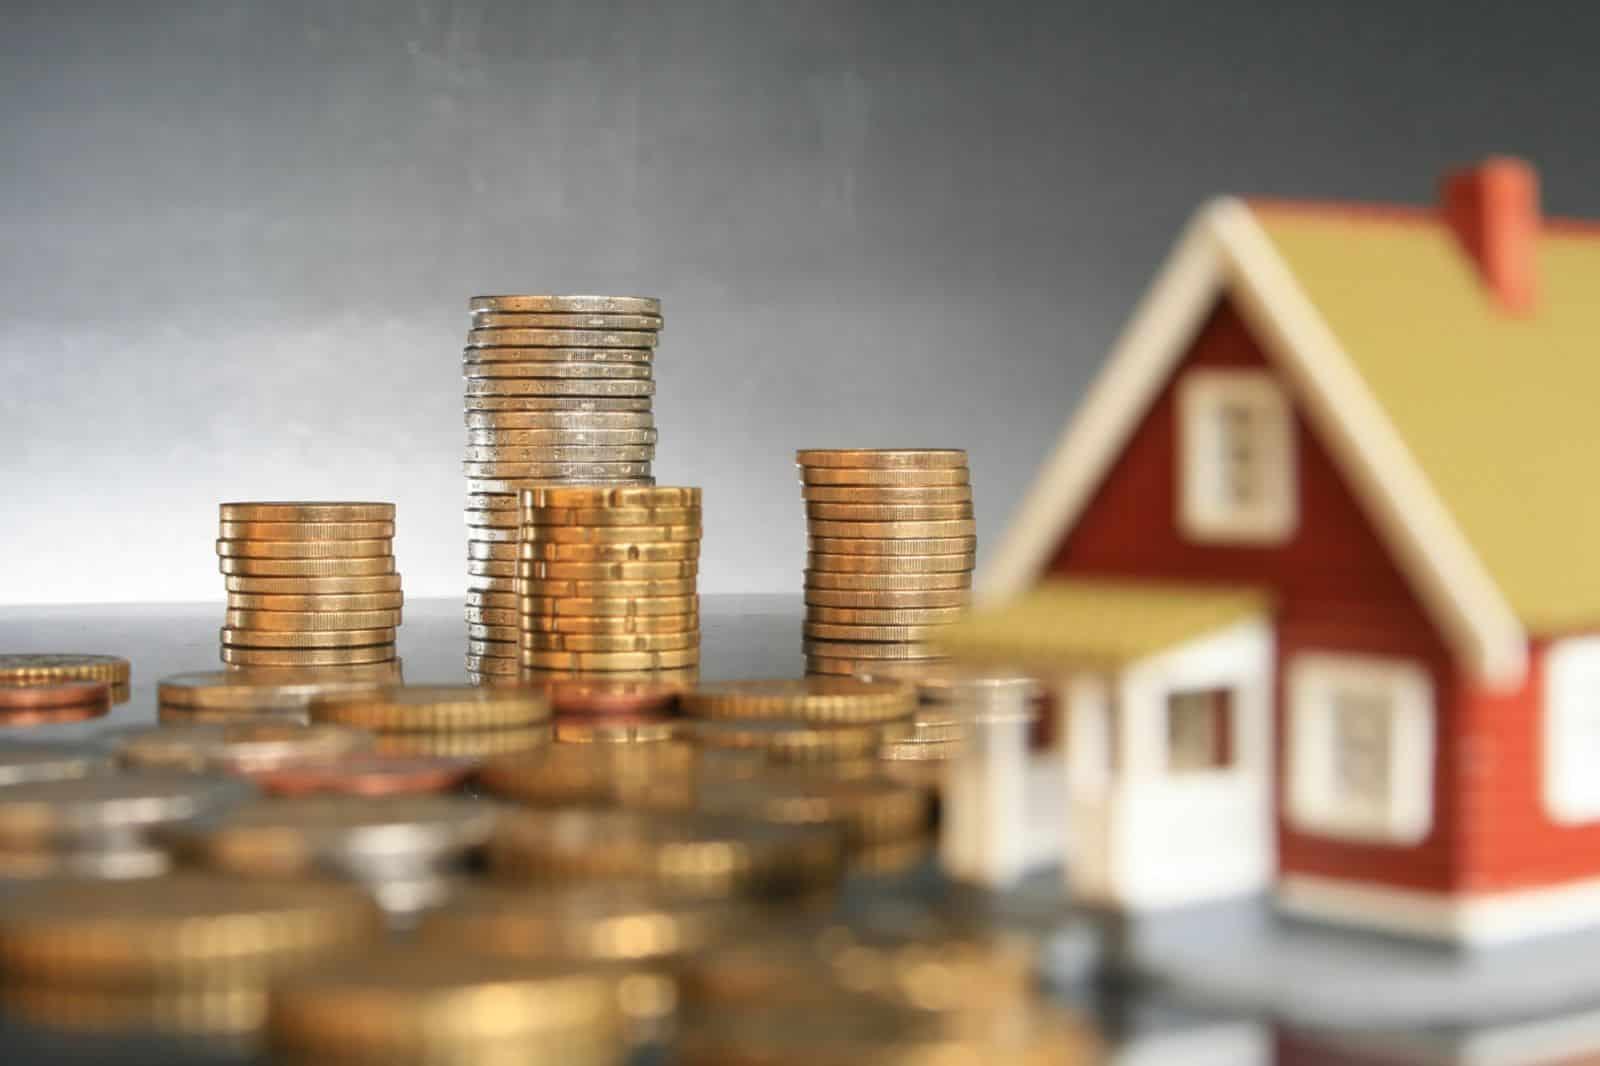 Как узнать свои задолженности по квартплате в Москве